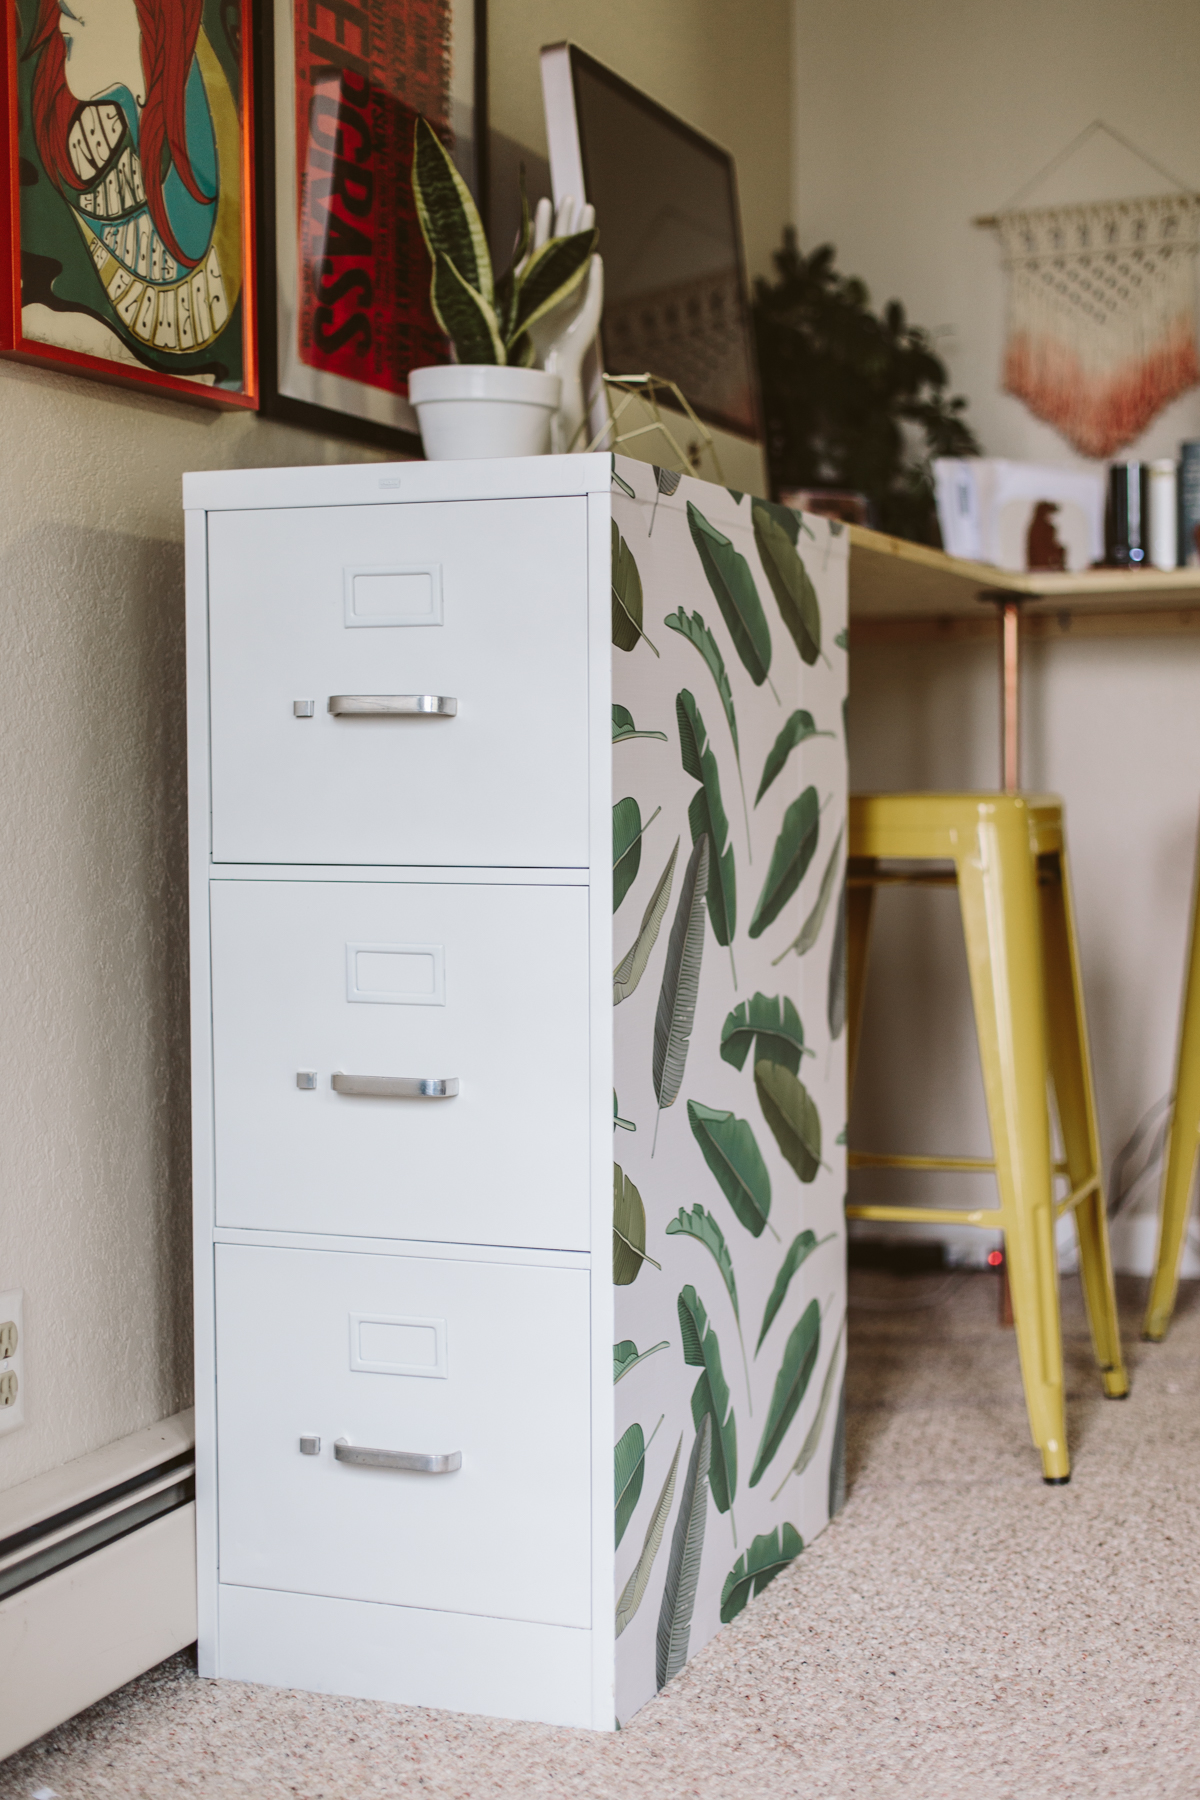 Banana Leaf File Cabinet DIY Makeover